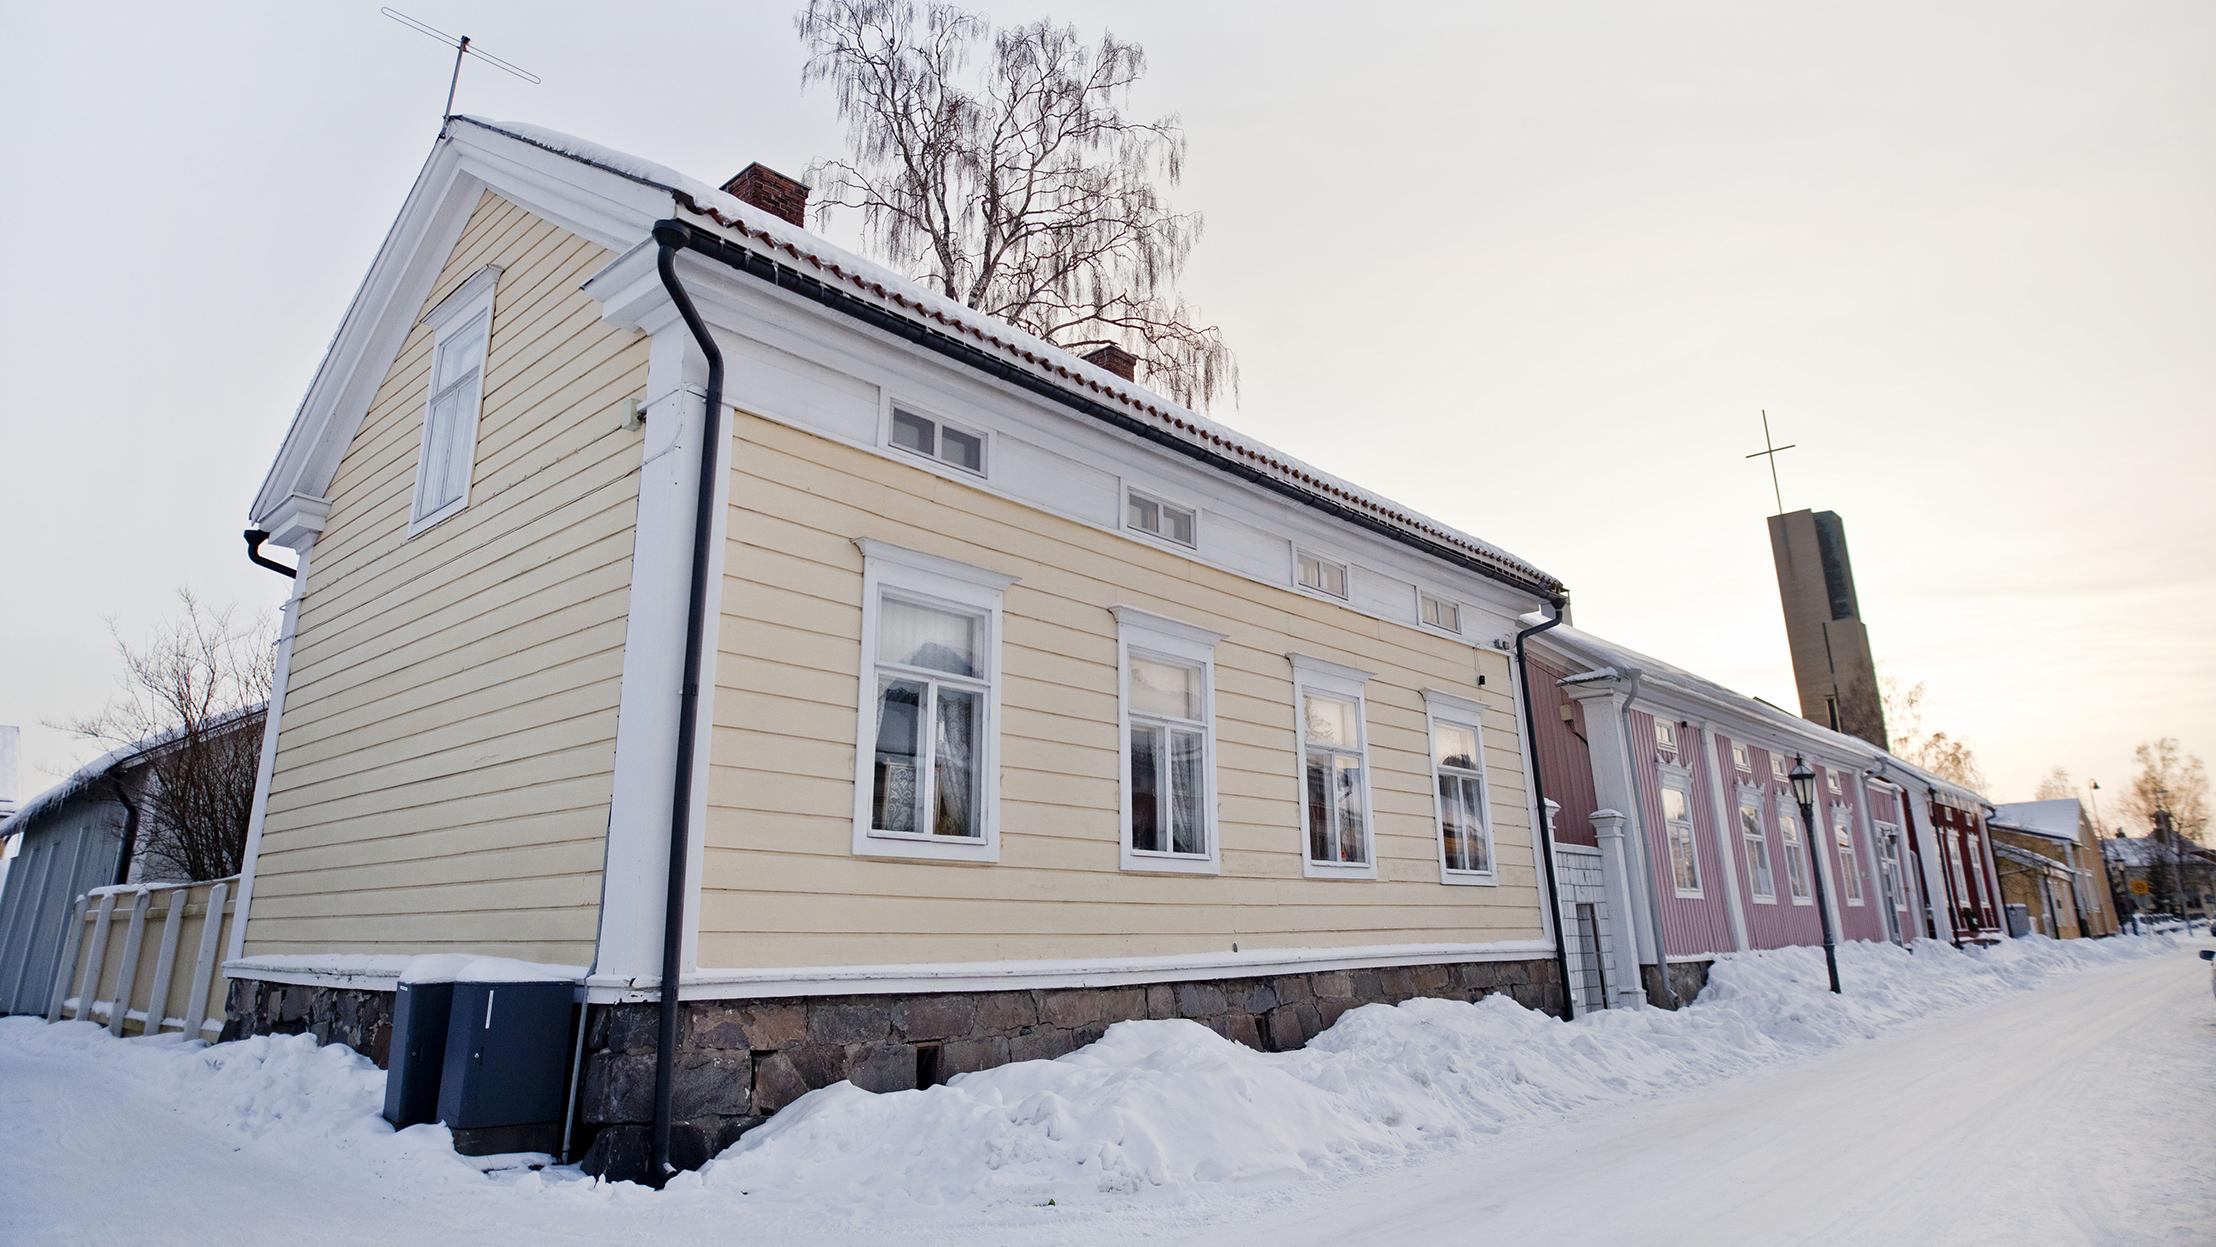 Kokkolan vanhaa kaupunkia talvella. Edustalla keltainen puutalo.